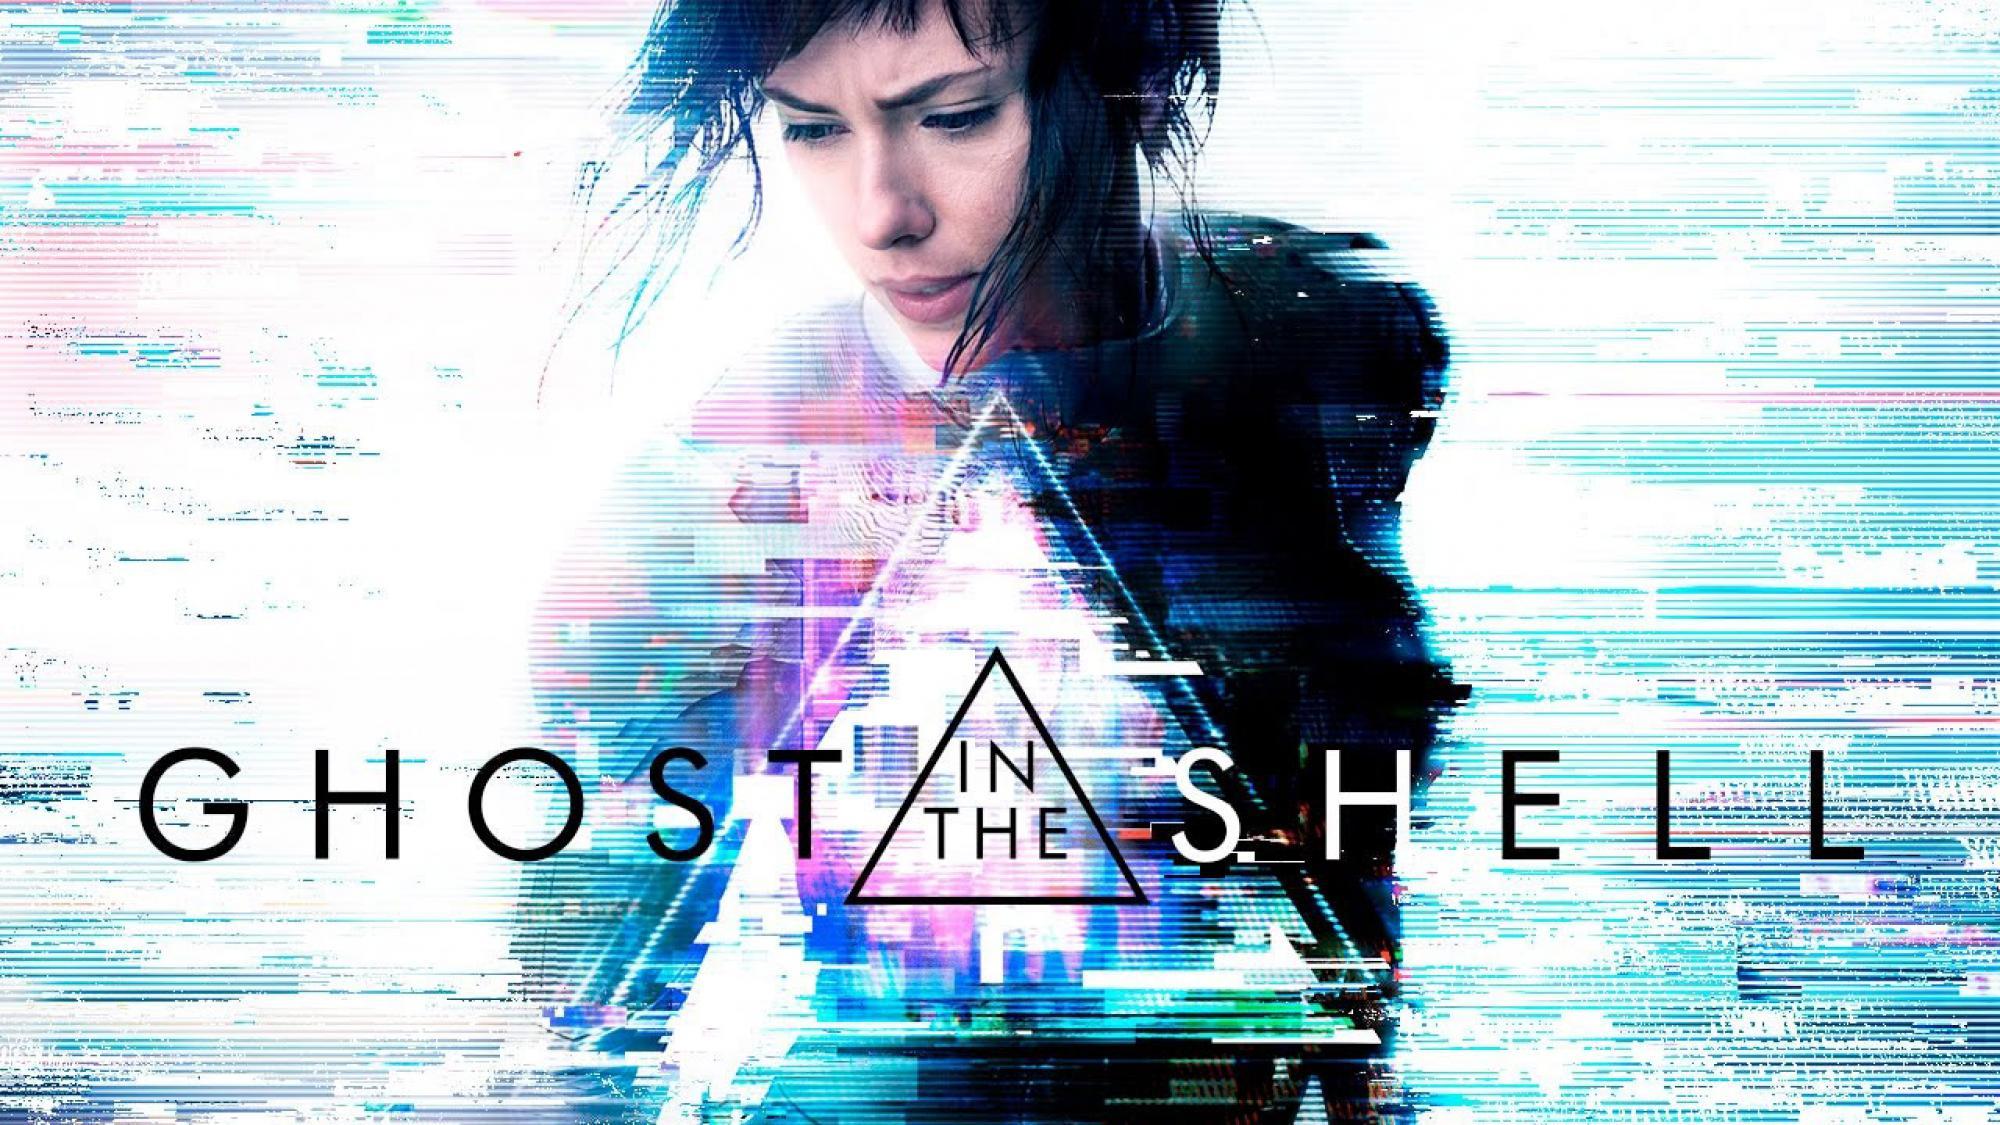 Wallpaper Poster Ghost in the Shell: vigilante del futuro